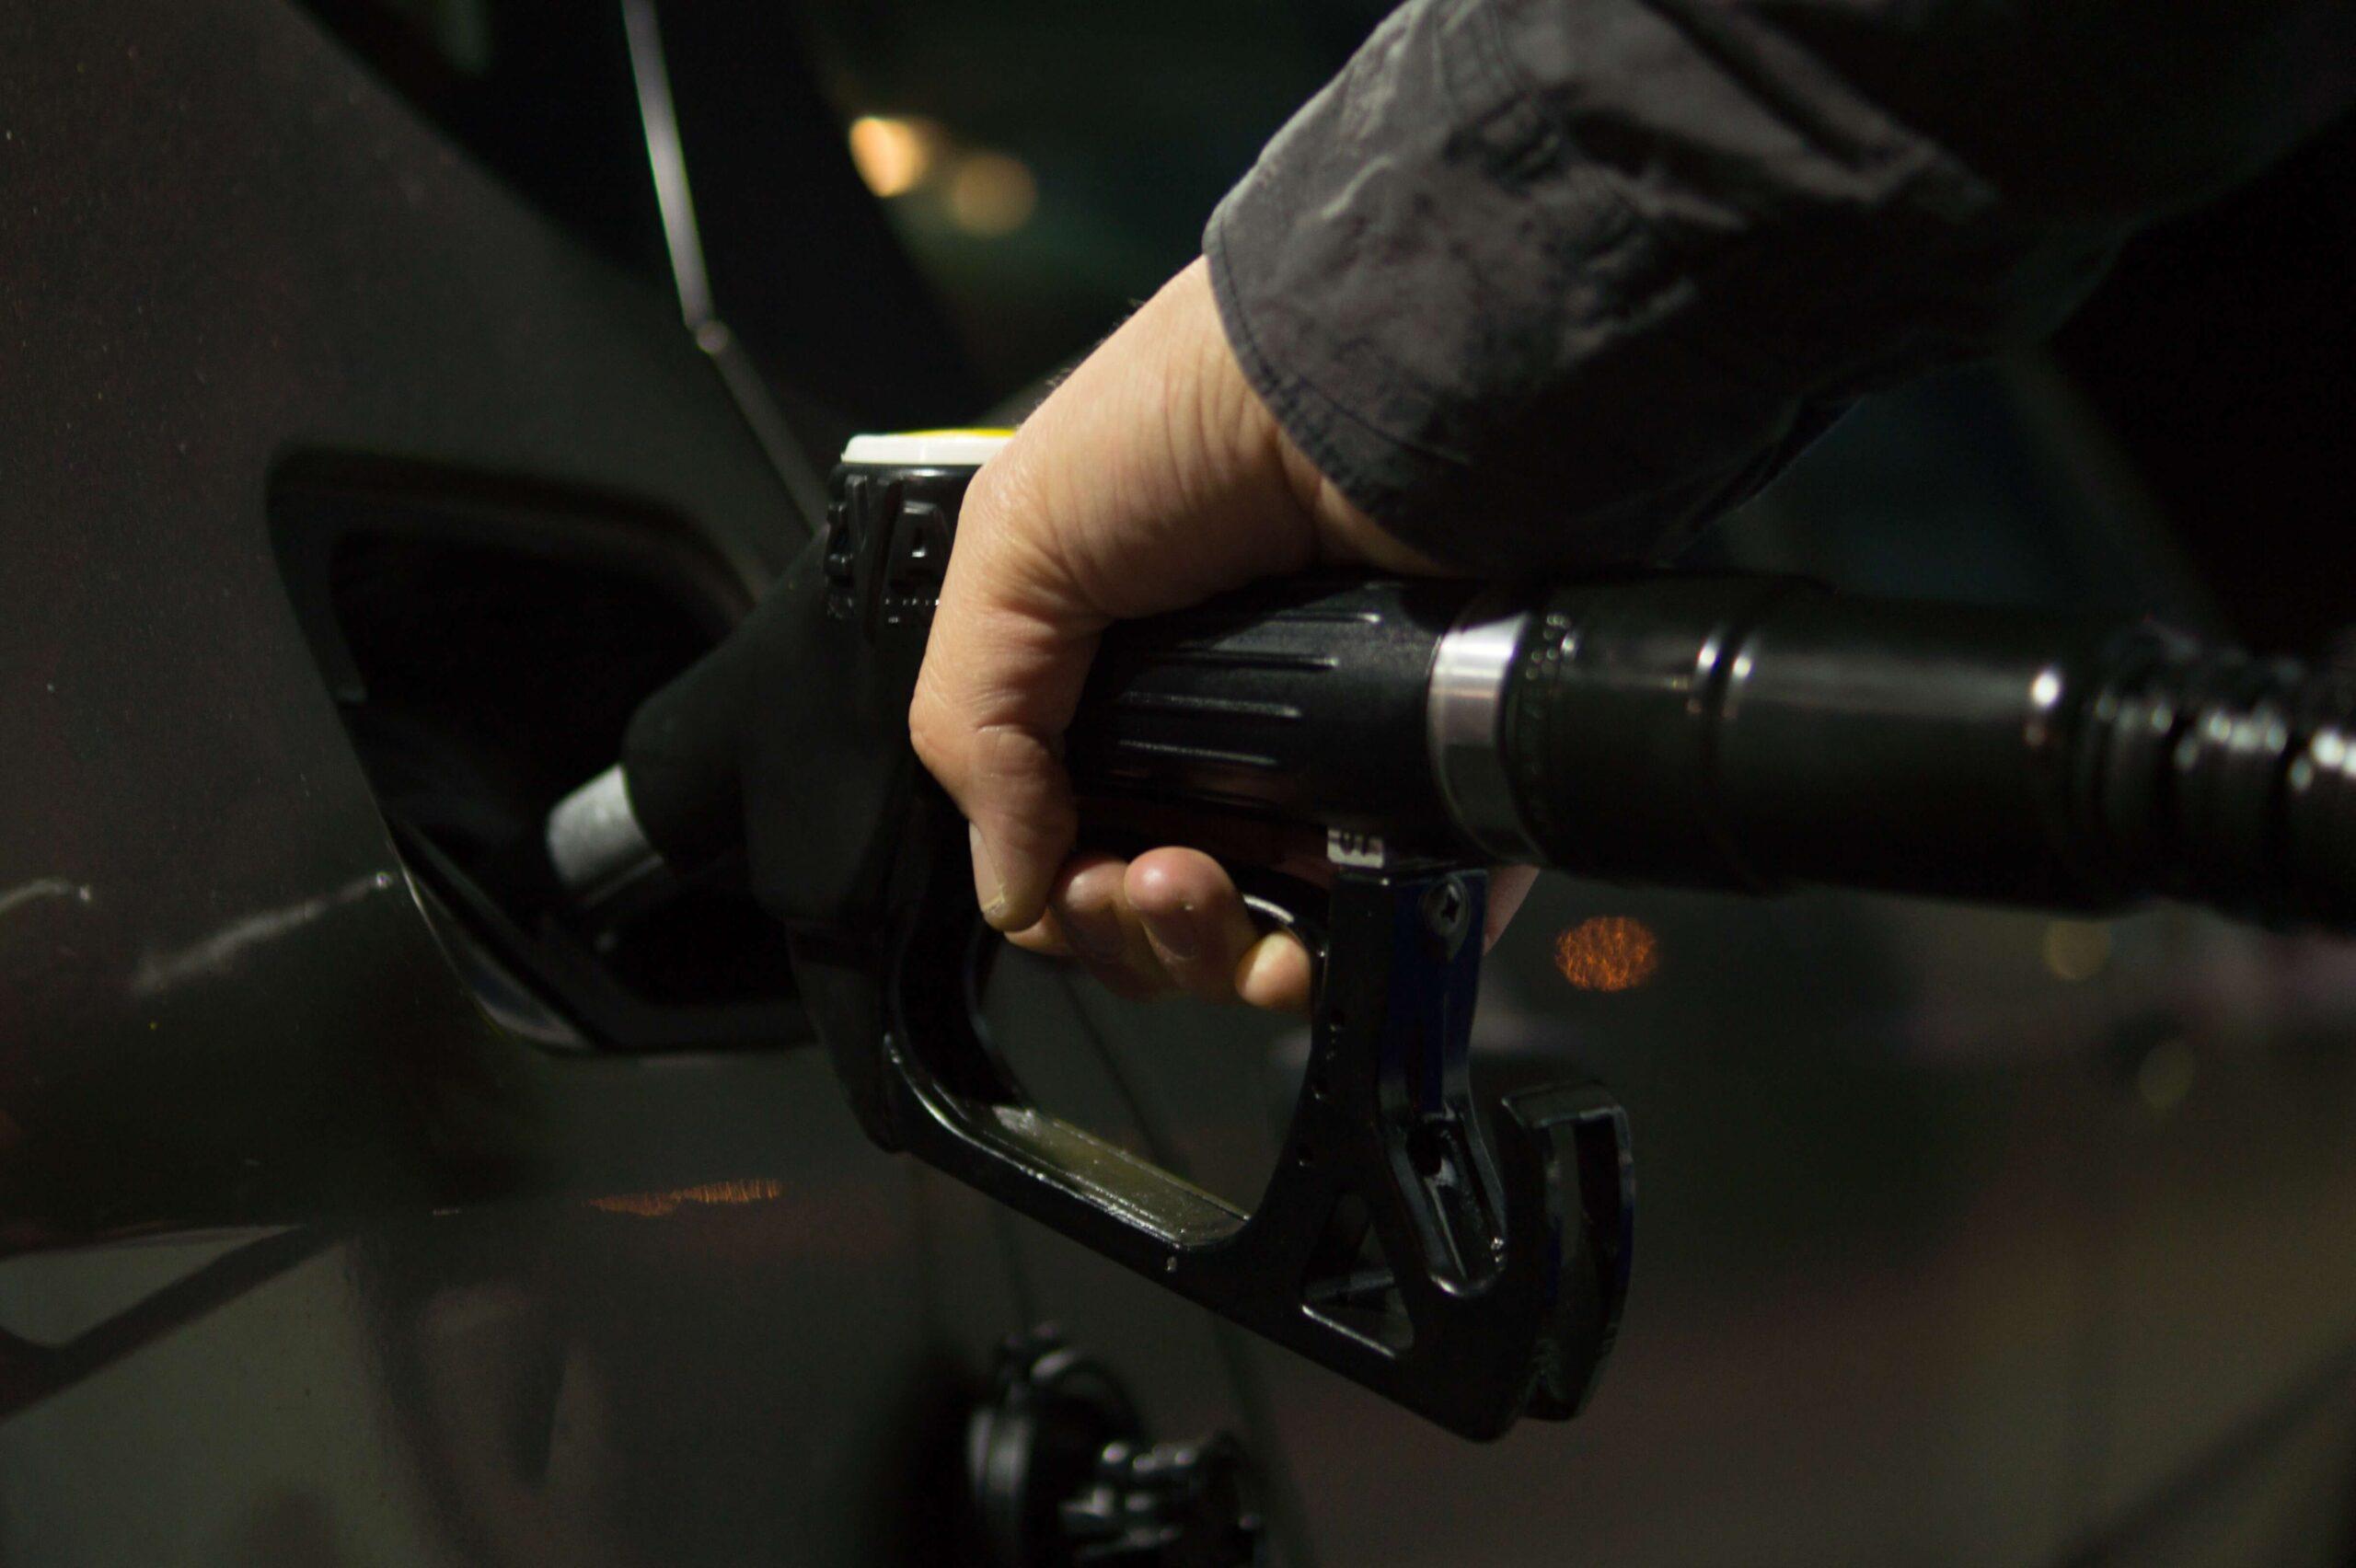 طريقة توفير البنزين